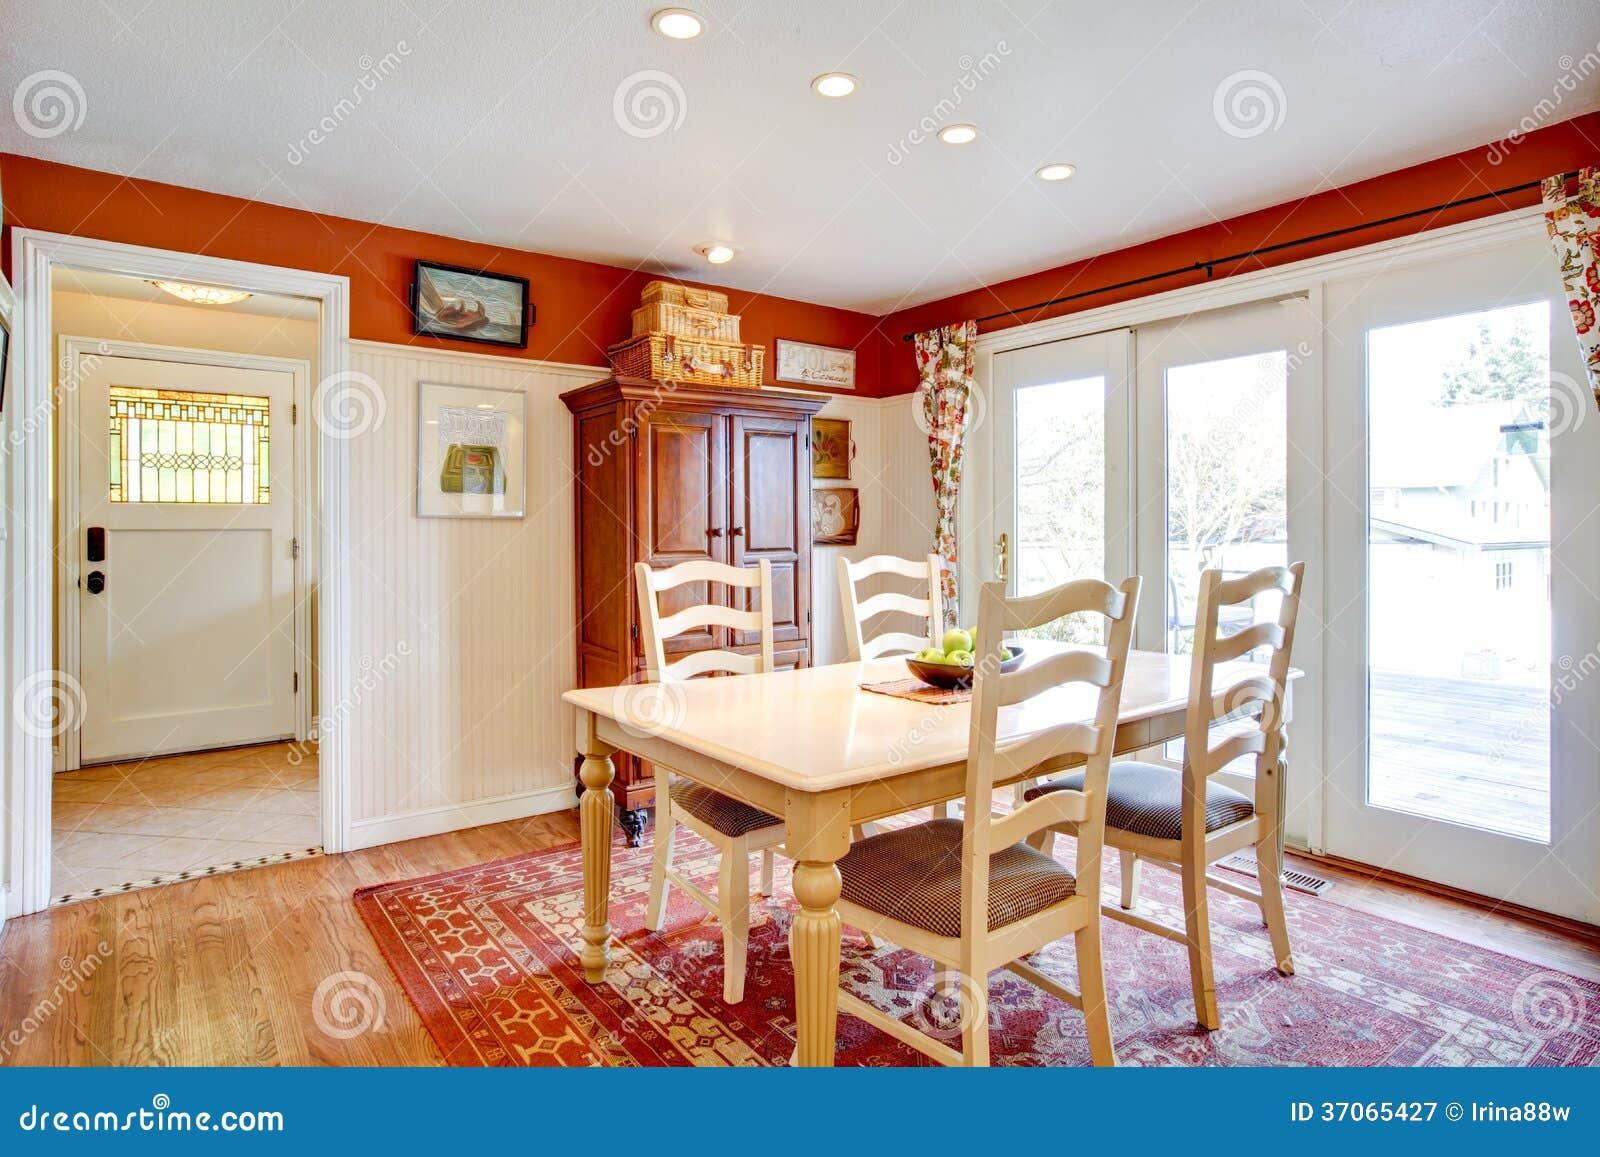 pi ce chaude simple de cuisine de couleurs avec une petite. Black Bedroom Furniture Sets. Home Design Ideas